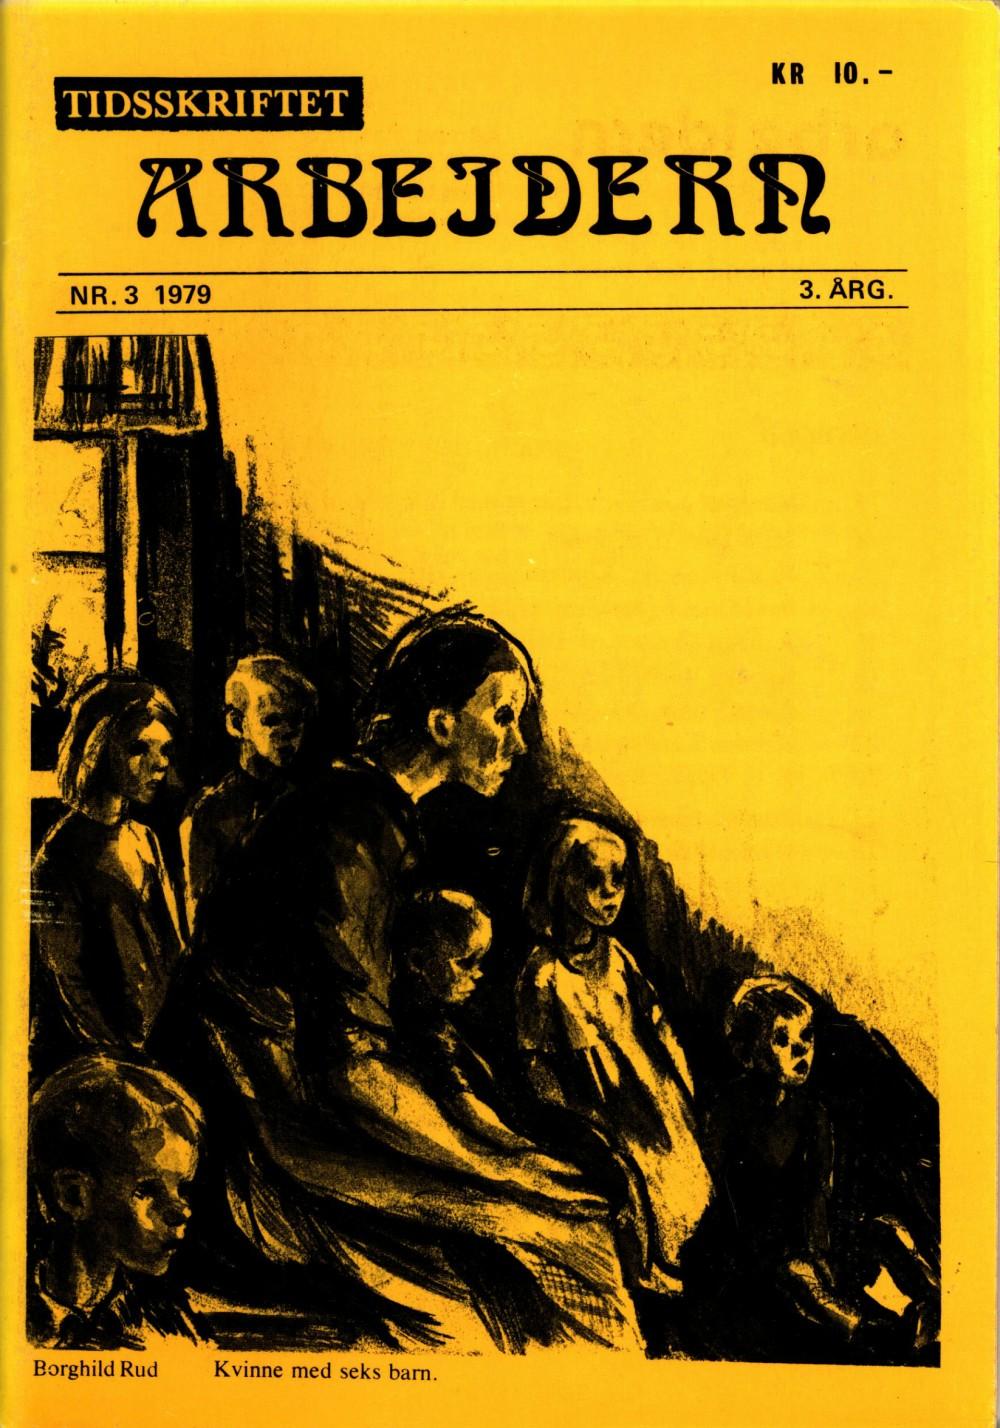 Tidsskriftet Arbeidern - nr. 3 1979